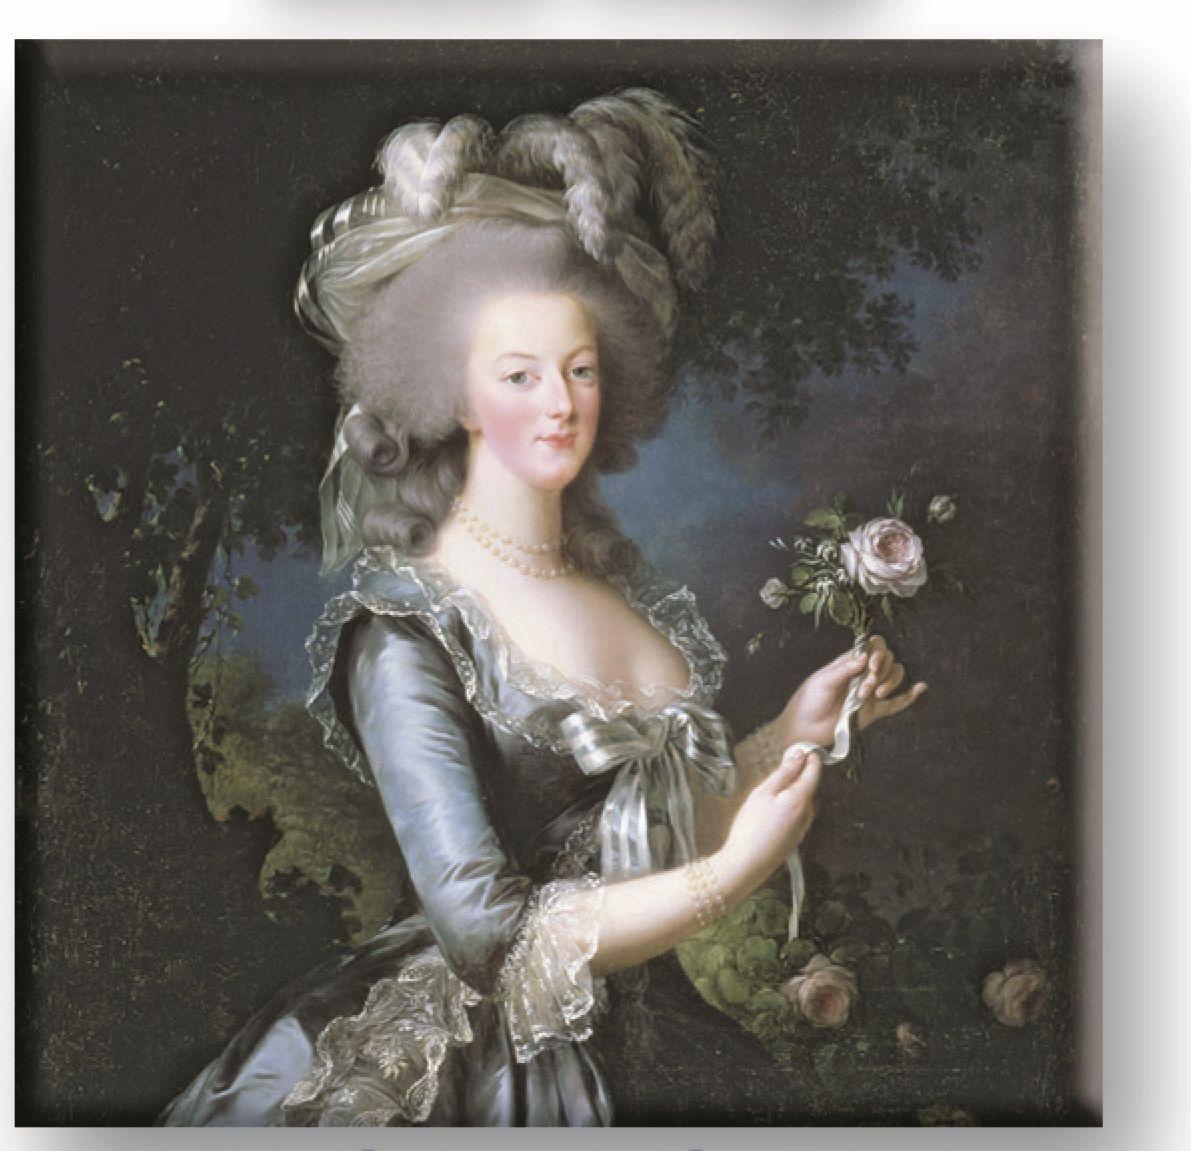 Саше ароматическое Le Blanc Мария-Антуанетта. Роза3760110096009Подарки от Le Blanc - это роскошь в мелочах, определяющих стиль. Эти изящные вещицы привносят в нашу жизнь тонкие, нежные ароматы,создают настроение легкости и воздушности. Саше относятся к разряду тех мелочей, благодаря которым создается настоящий уют в доме.Нежный, душистый, цветочный дымный, стойкий, с фруктовой ноткой - все эти прекрасные эпитеты посвящены аромату розы - истинной королевыцветов. Роза - это не только королева цветов, она ещё и королева ароматов. Она кружит голову чарующим кокетливым, нежным и тонкимароматом, воплощением женственной чувственности. Это всегда волнующий, теплый и глубокий аромат, пробуждающий душу для любви и новыхвпечатлений. Потрясающий запах розы всегда многогранен и наслаждаться им можно бесконечно.